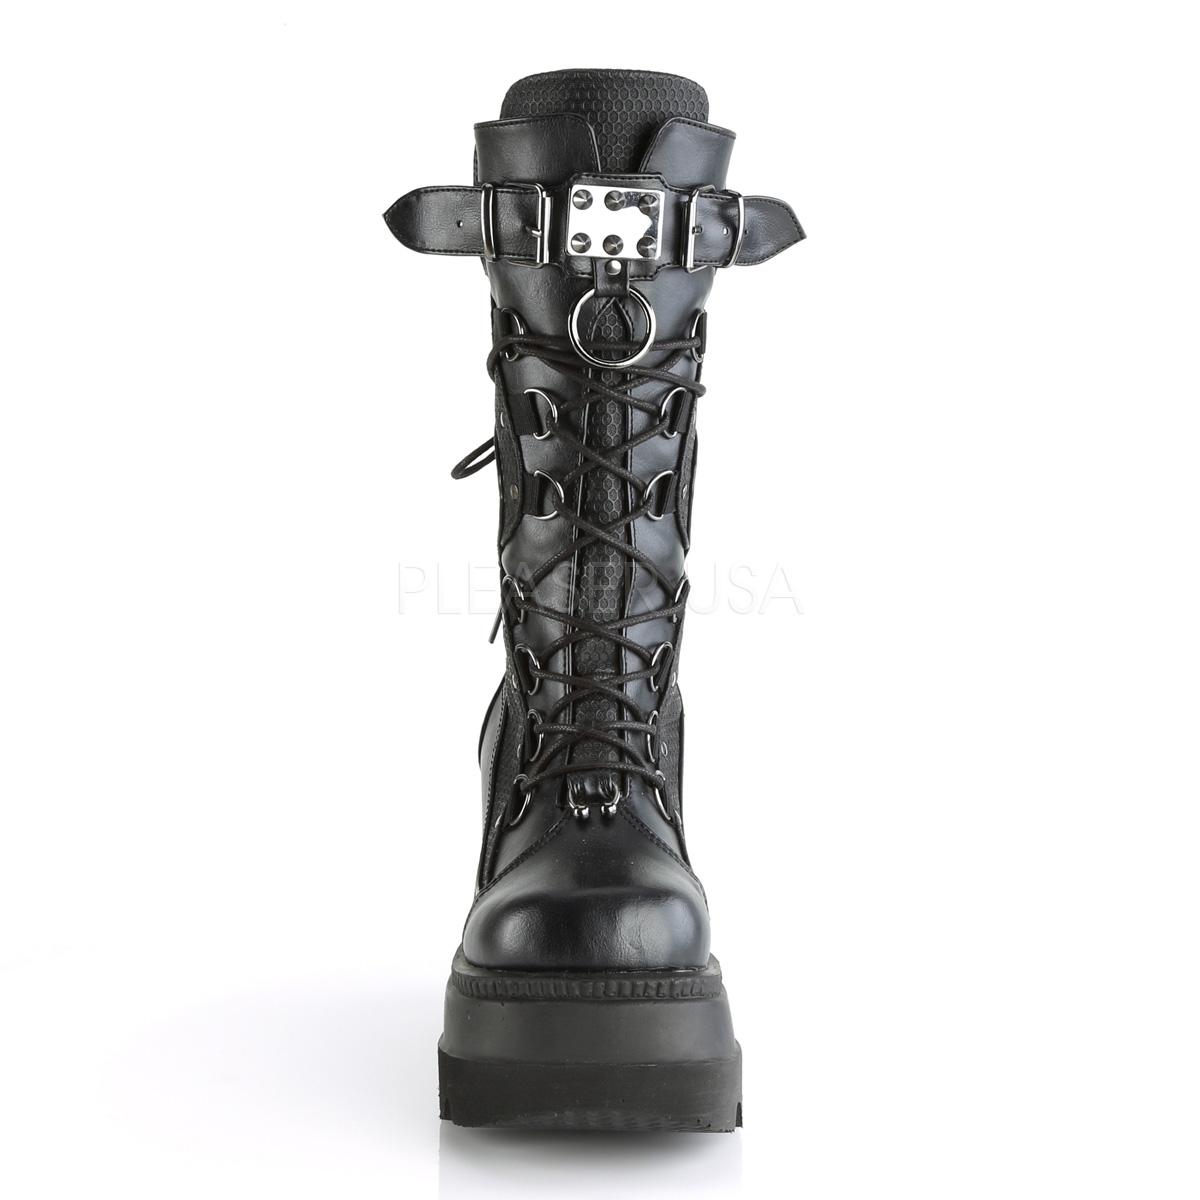 Konstläder 11,5 cm SHAKER 70 Svarta punk stövlar med snörning